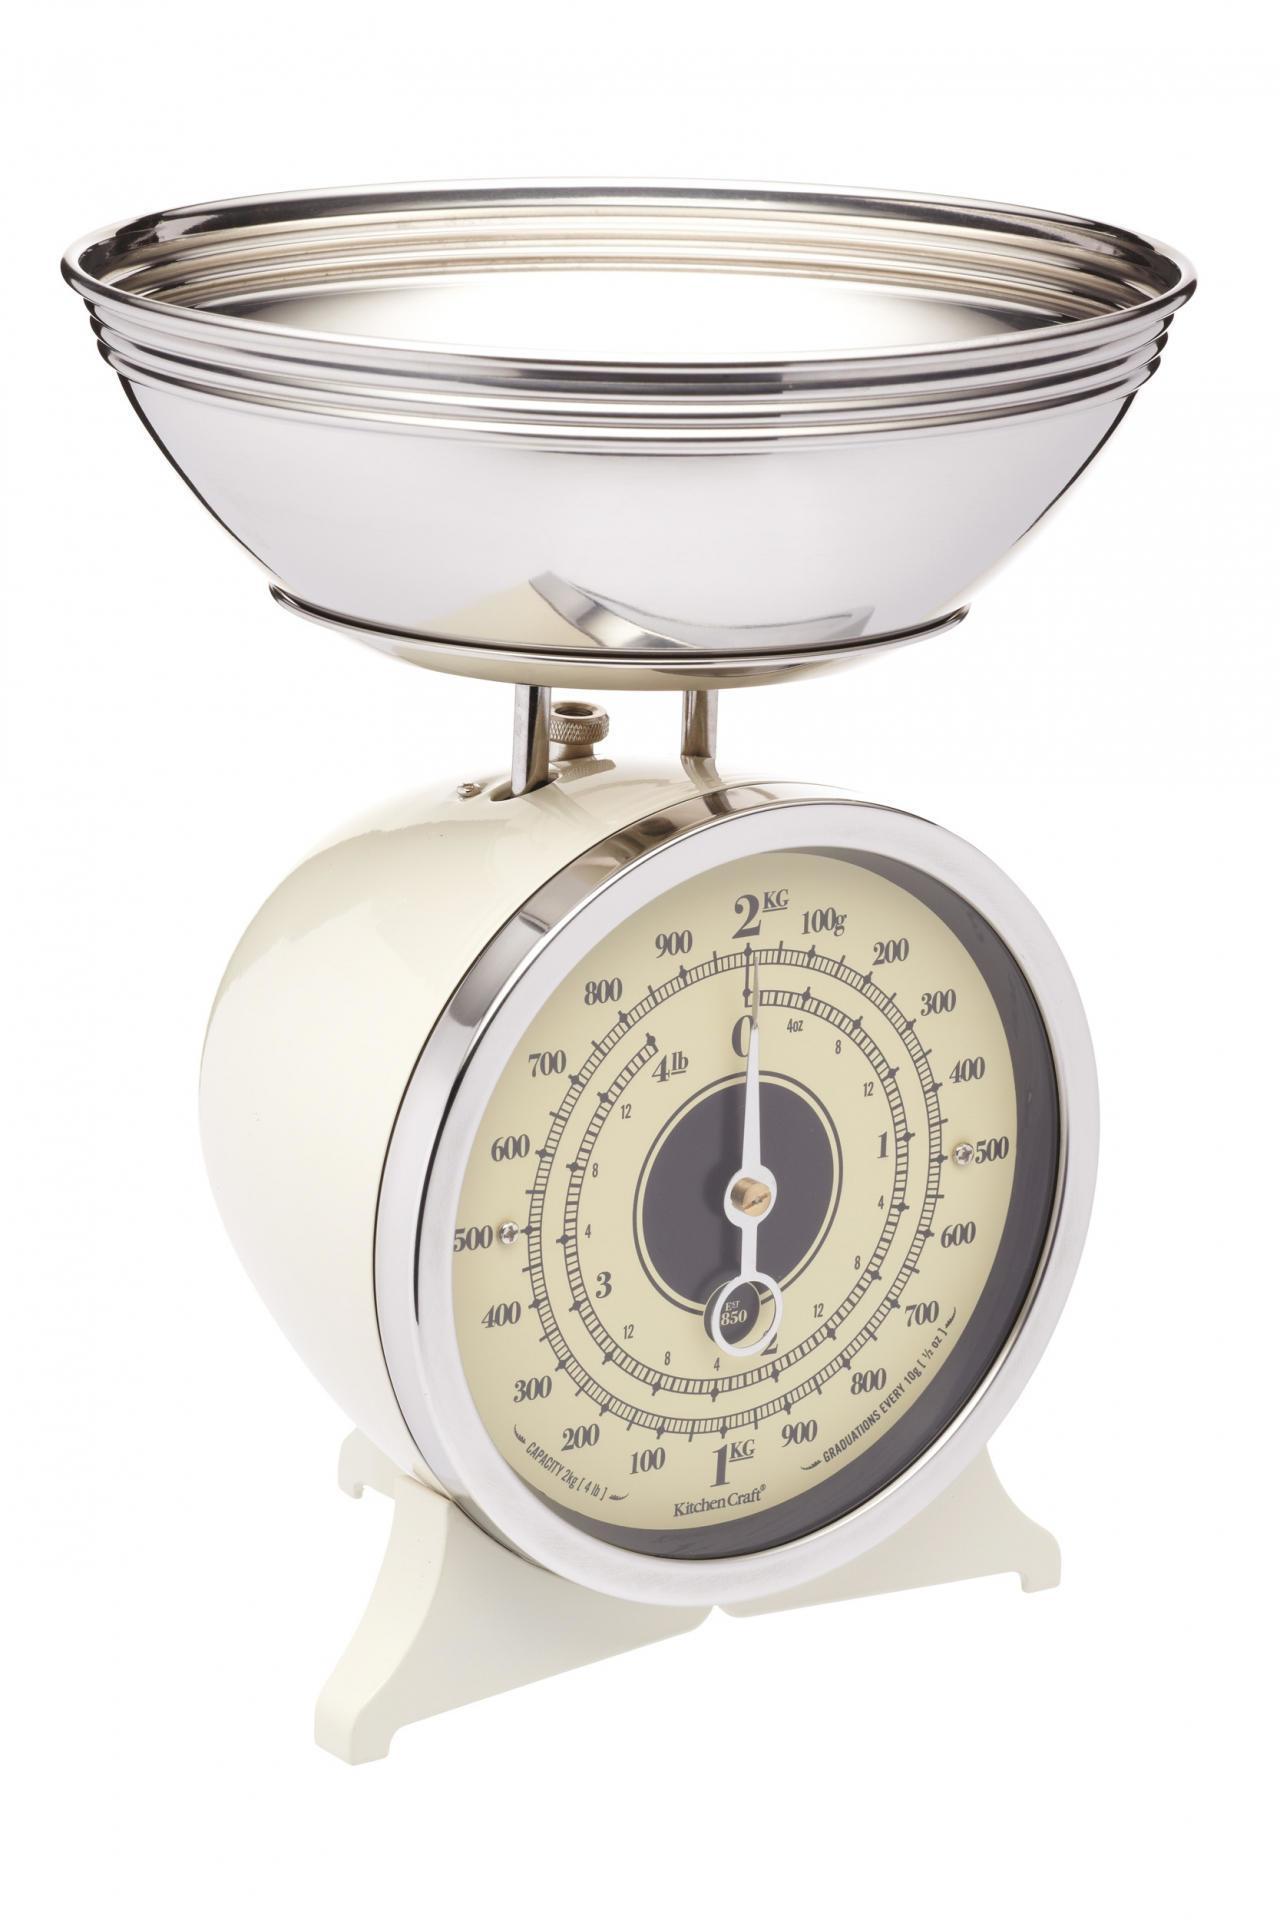 Kitchen Craft Mechanická kuchyňská váha Cream - 2 kg, krémová barva, kov